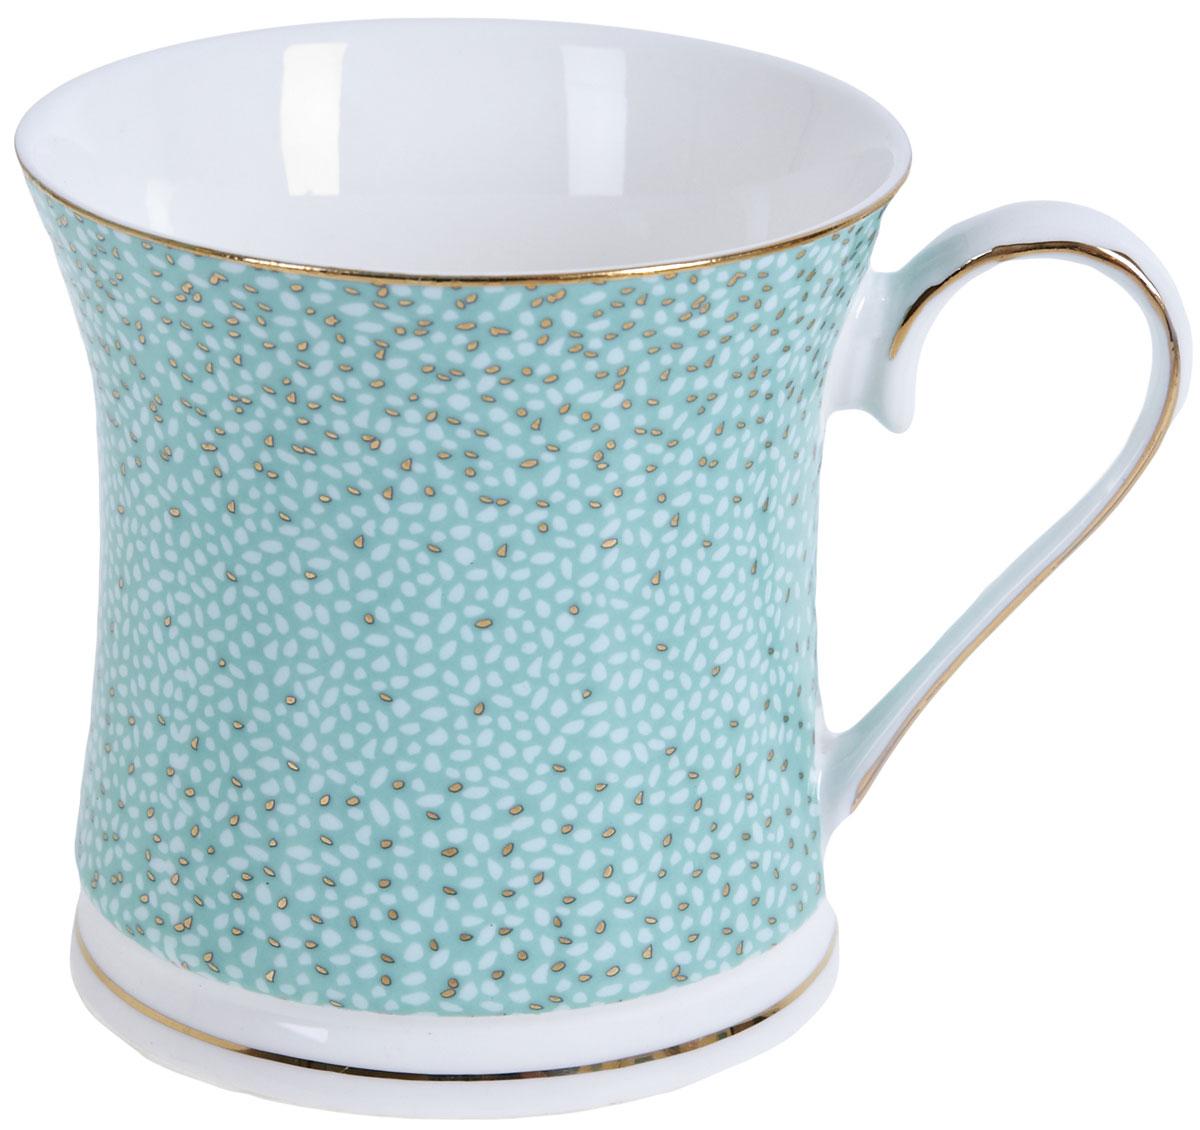 Кружка BHP Морская волна, 375 мл. 121011568/5/4Оригинальная кружка Best Home Porcelain, выполненная из высококачественного фарфора, сочетает в себе простой, утонченный дизайн с максимальной функциональностью. Можно использовать в посудомоечной машине.